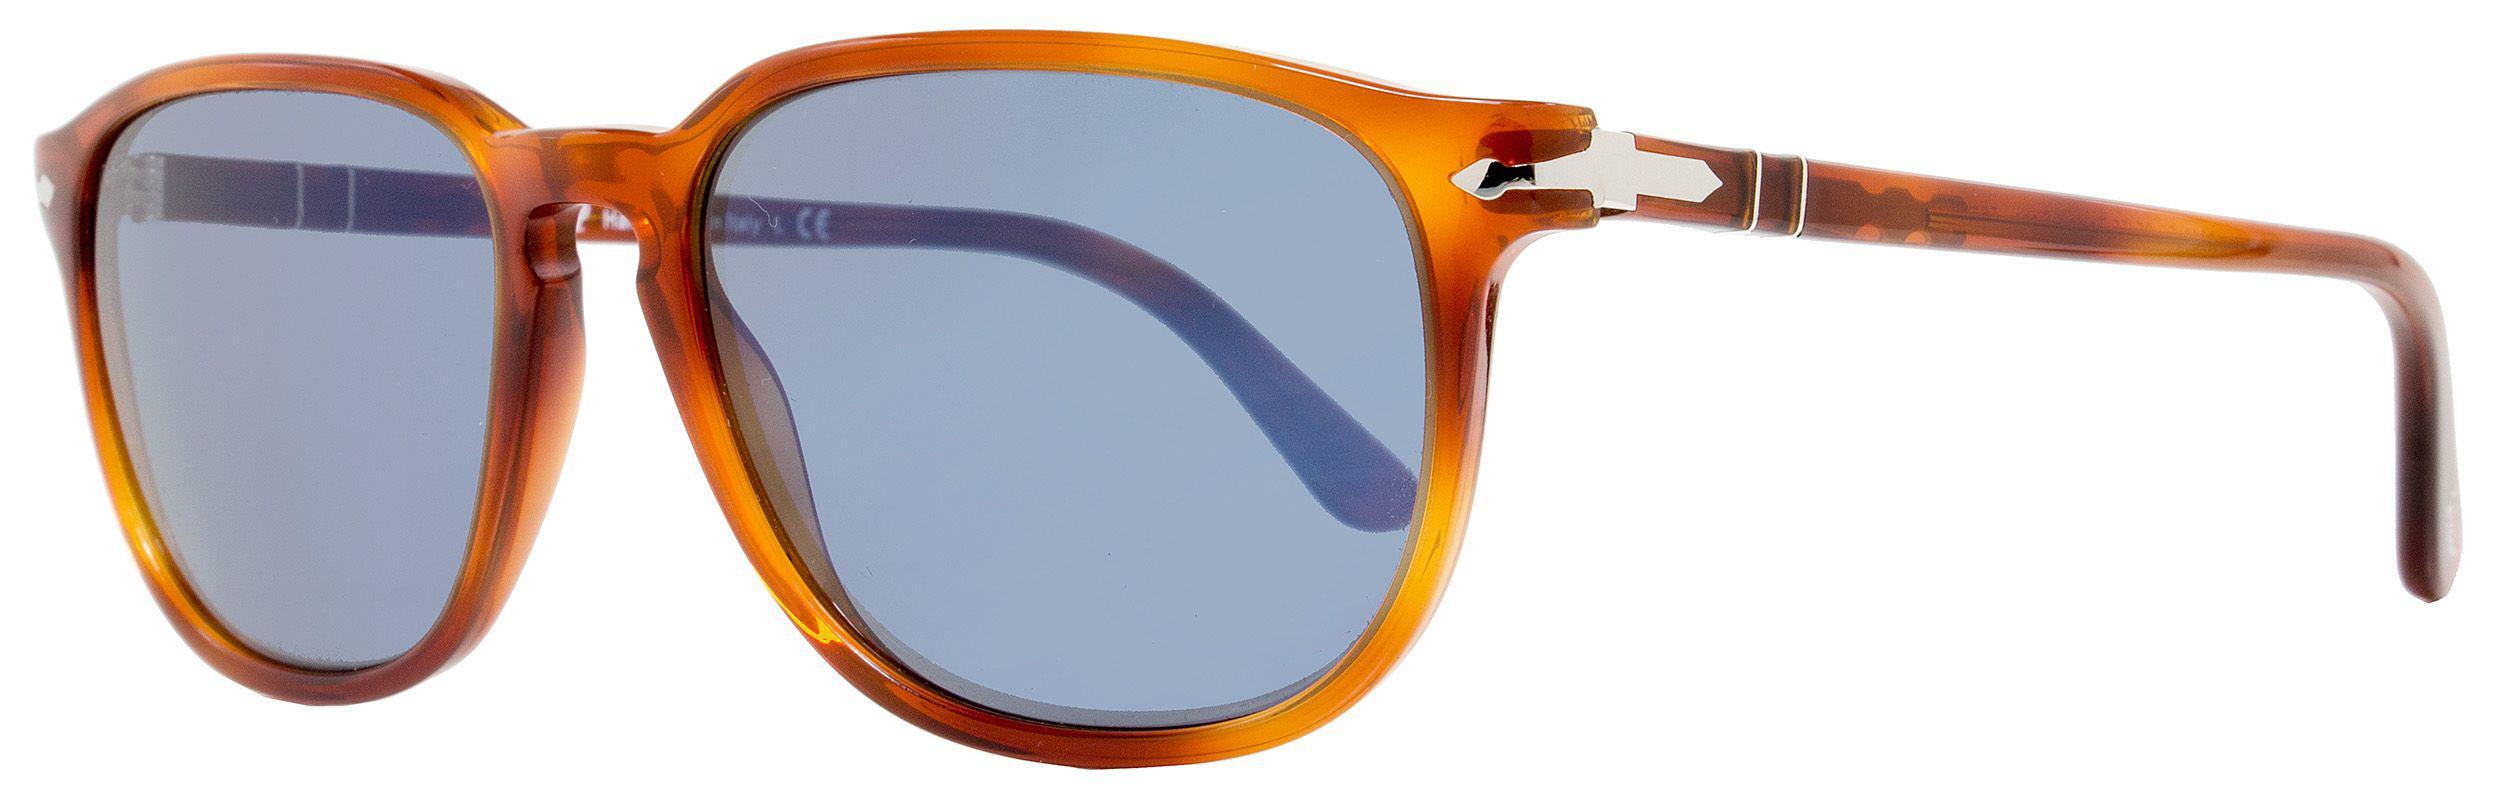 7ddf66f9fe Lyst - Persol Oval Sunglasses Po3019s 96 56 Terra Di Siena 3019 in ...